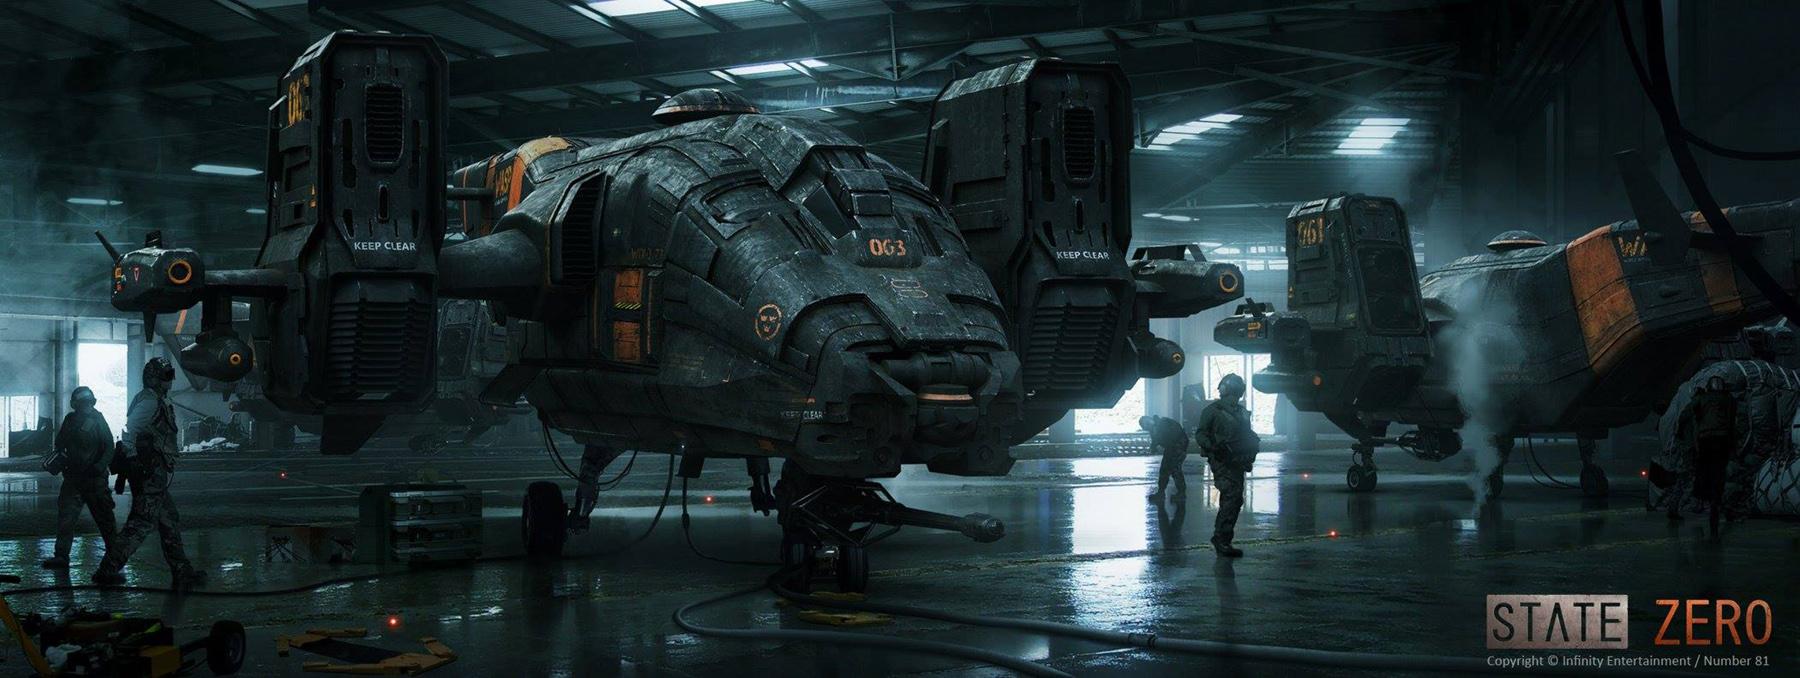 3d sci-fi movie maker 2.08